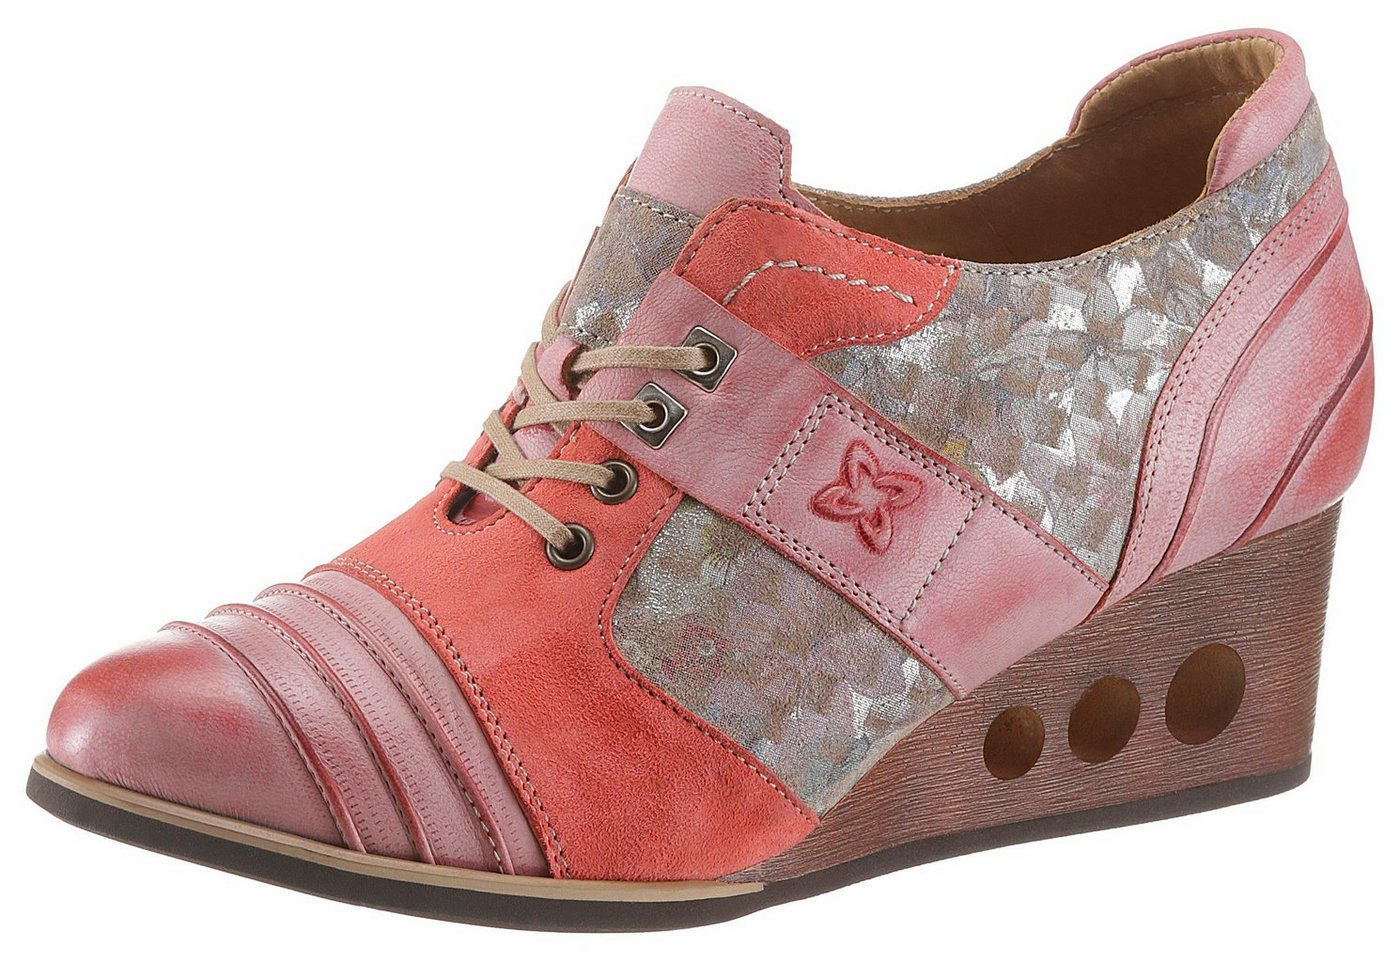 Damen Maciejka Schnürpumps mit raffinierten Keilabsatz rosa | 05902040020169